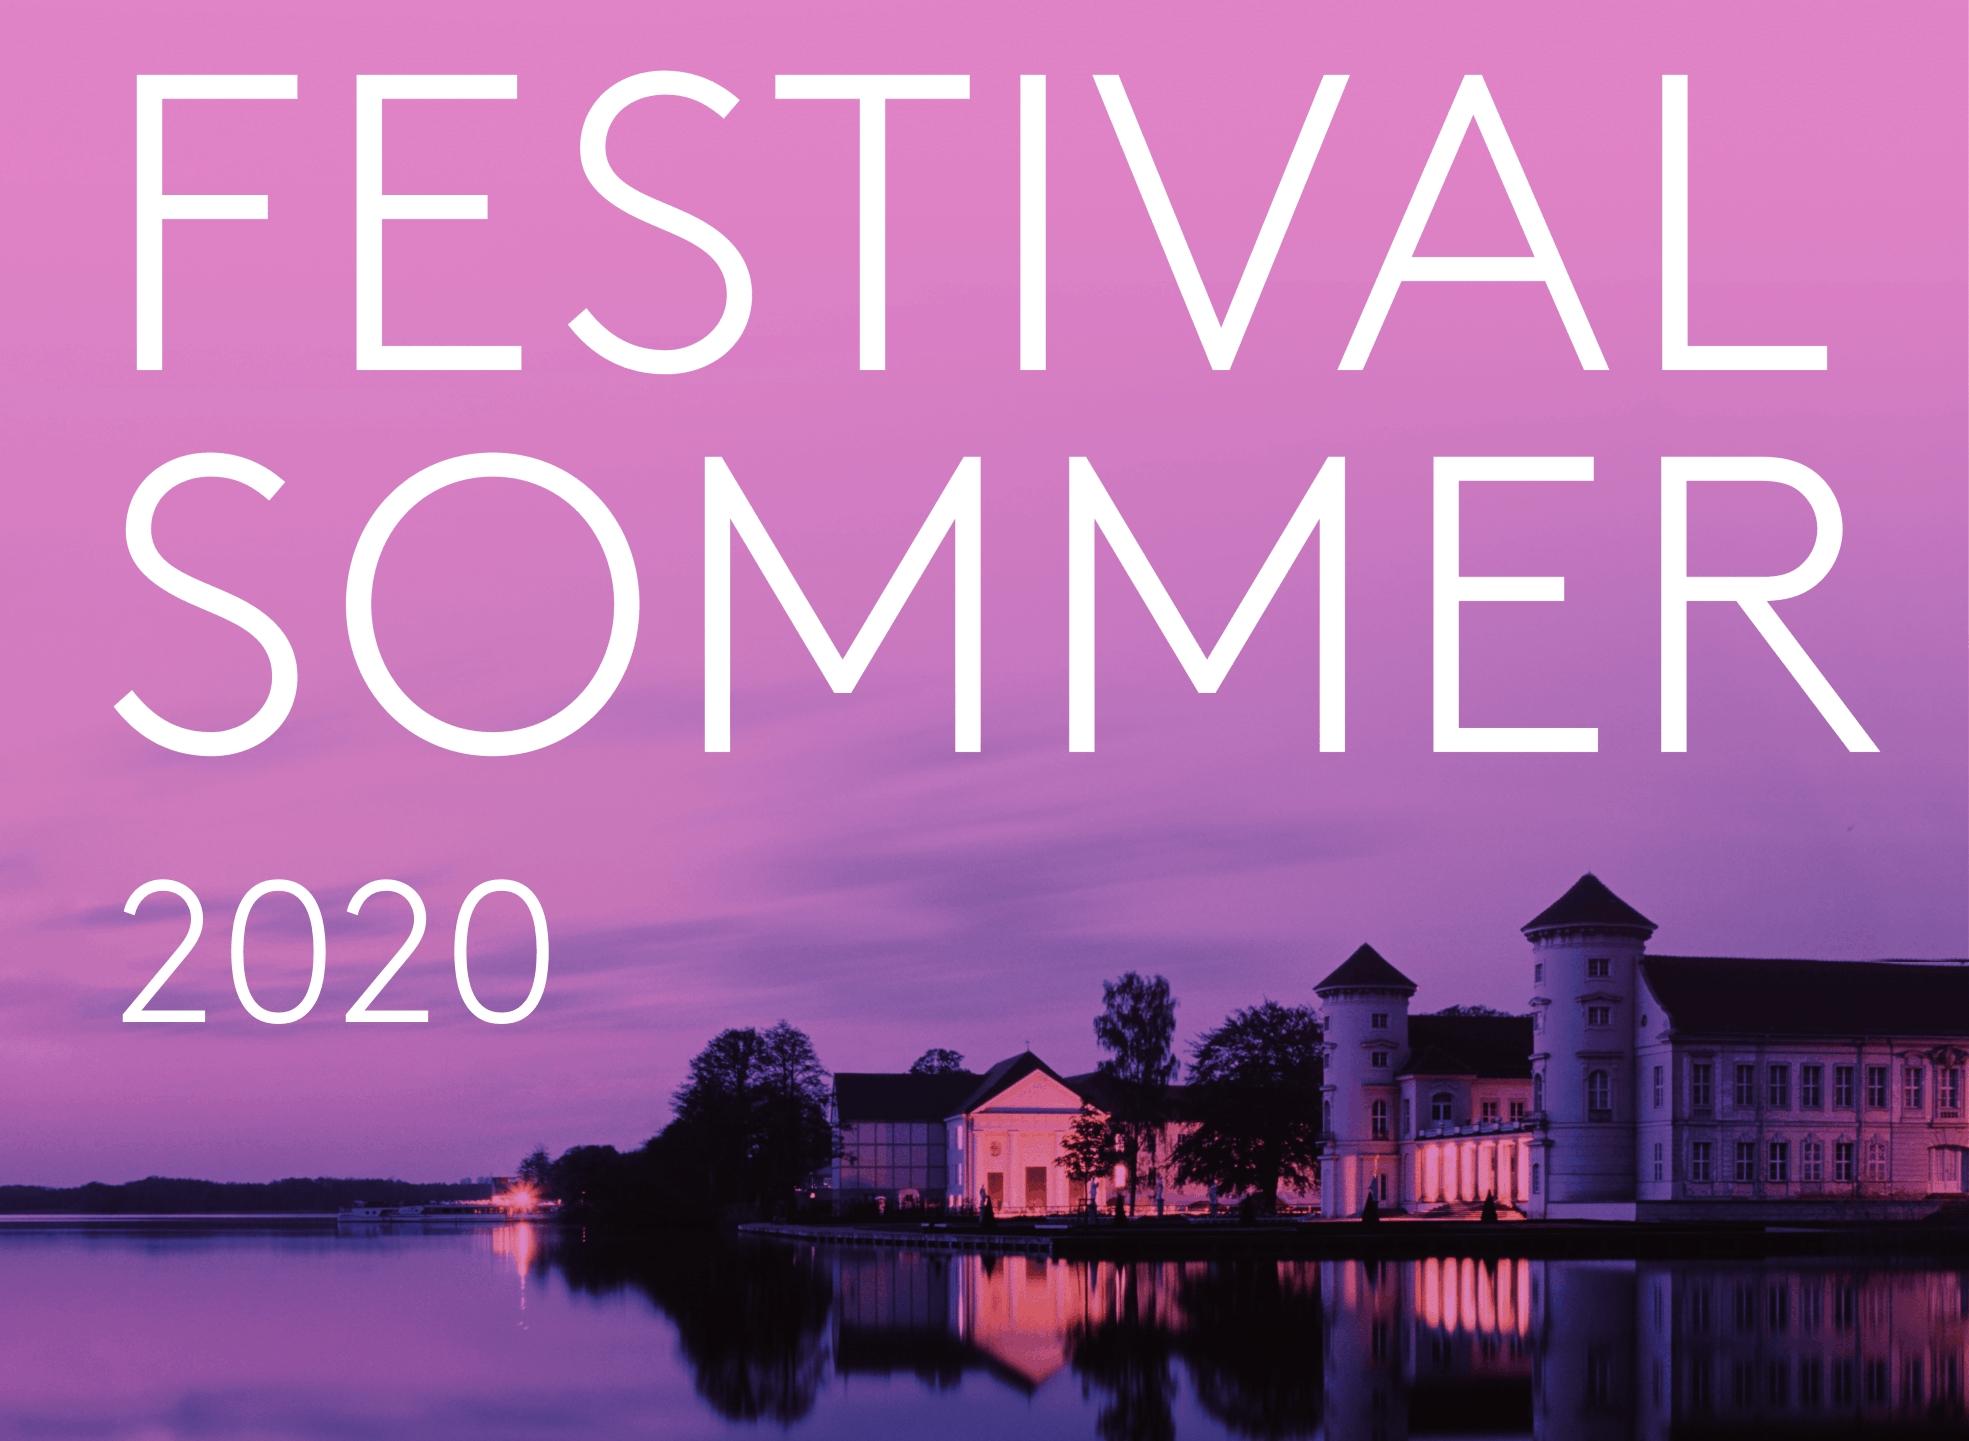 Festivalsommer_2020